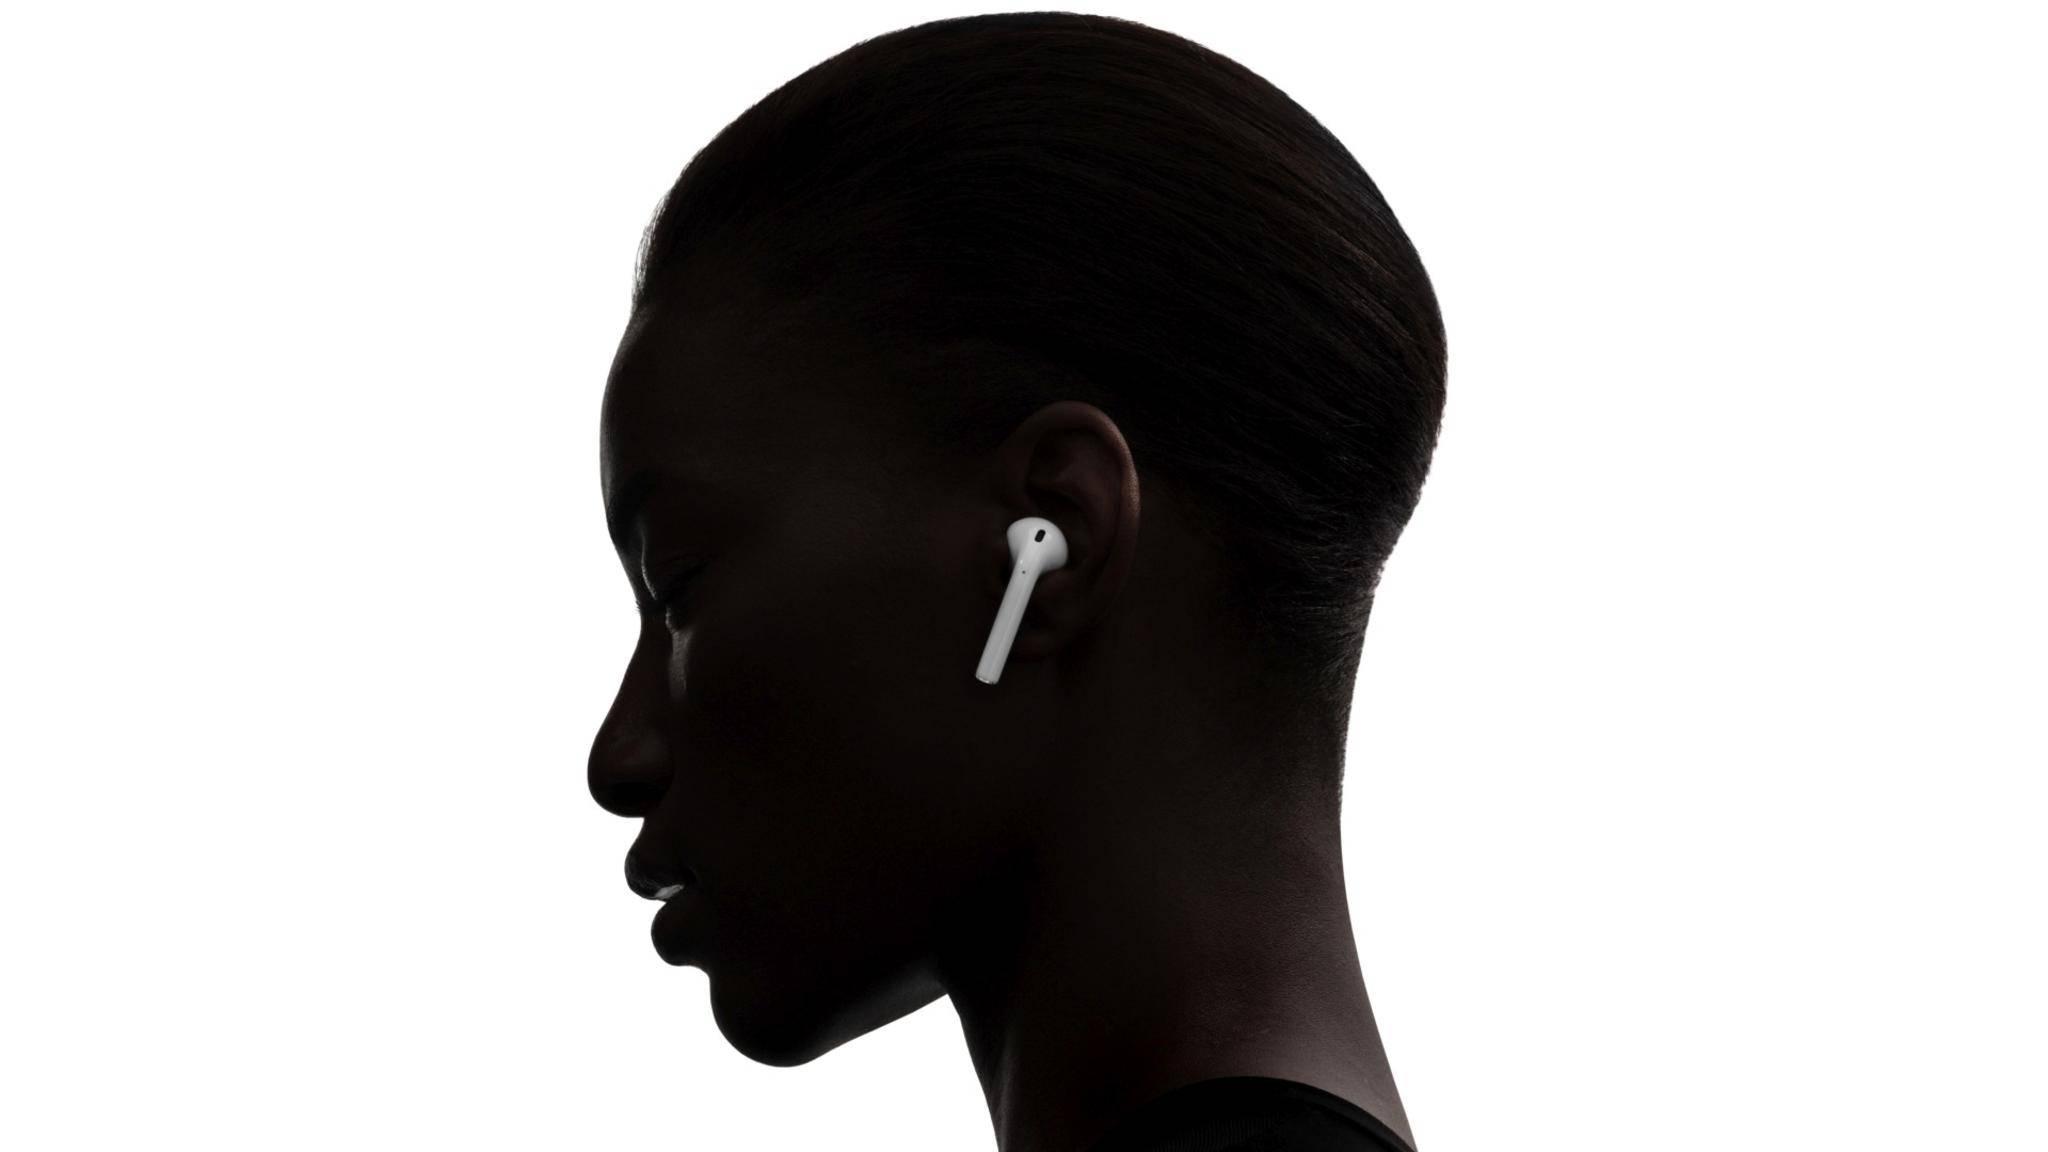 Die Apple AirPods wurden im September vorgestellt, sind aber noch immer nicht verfügbar.